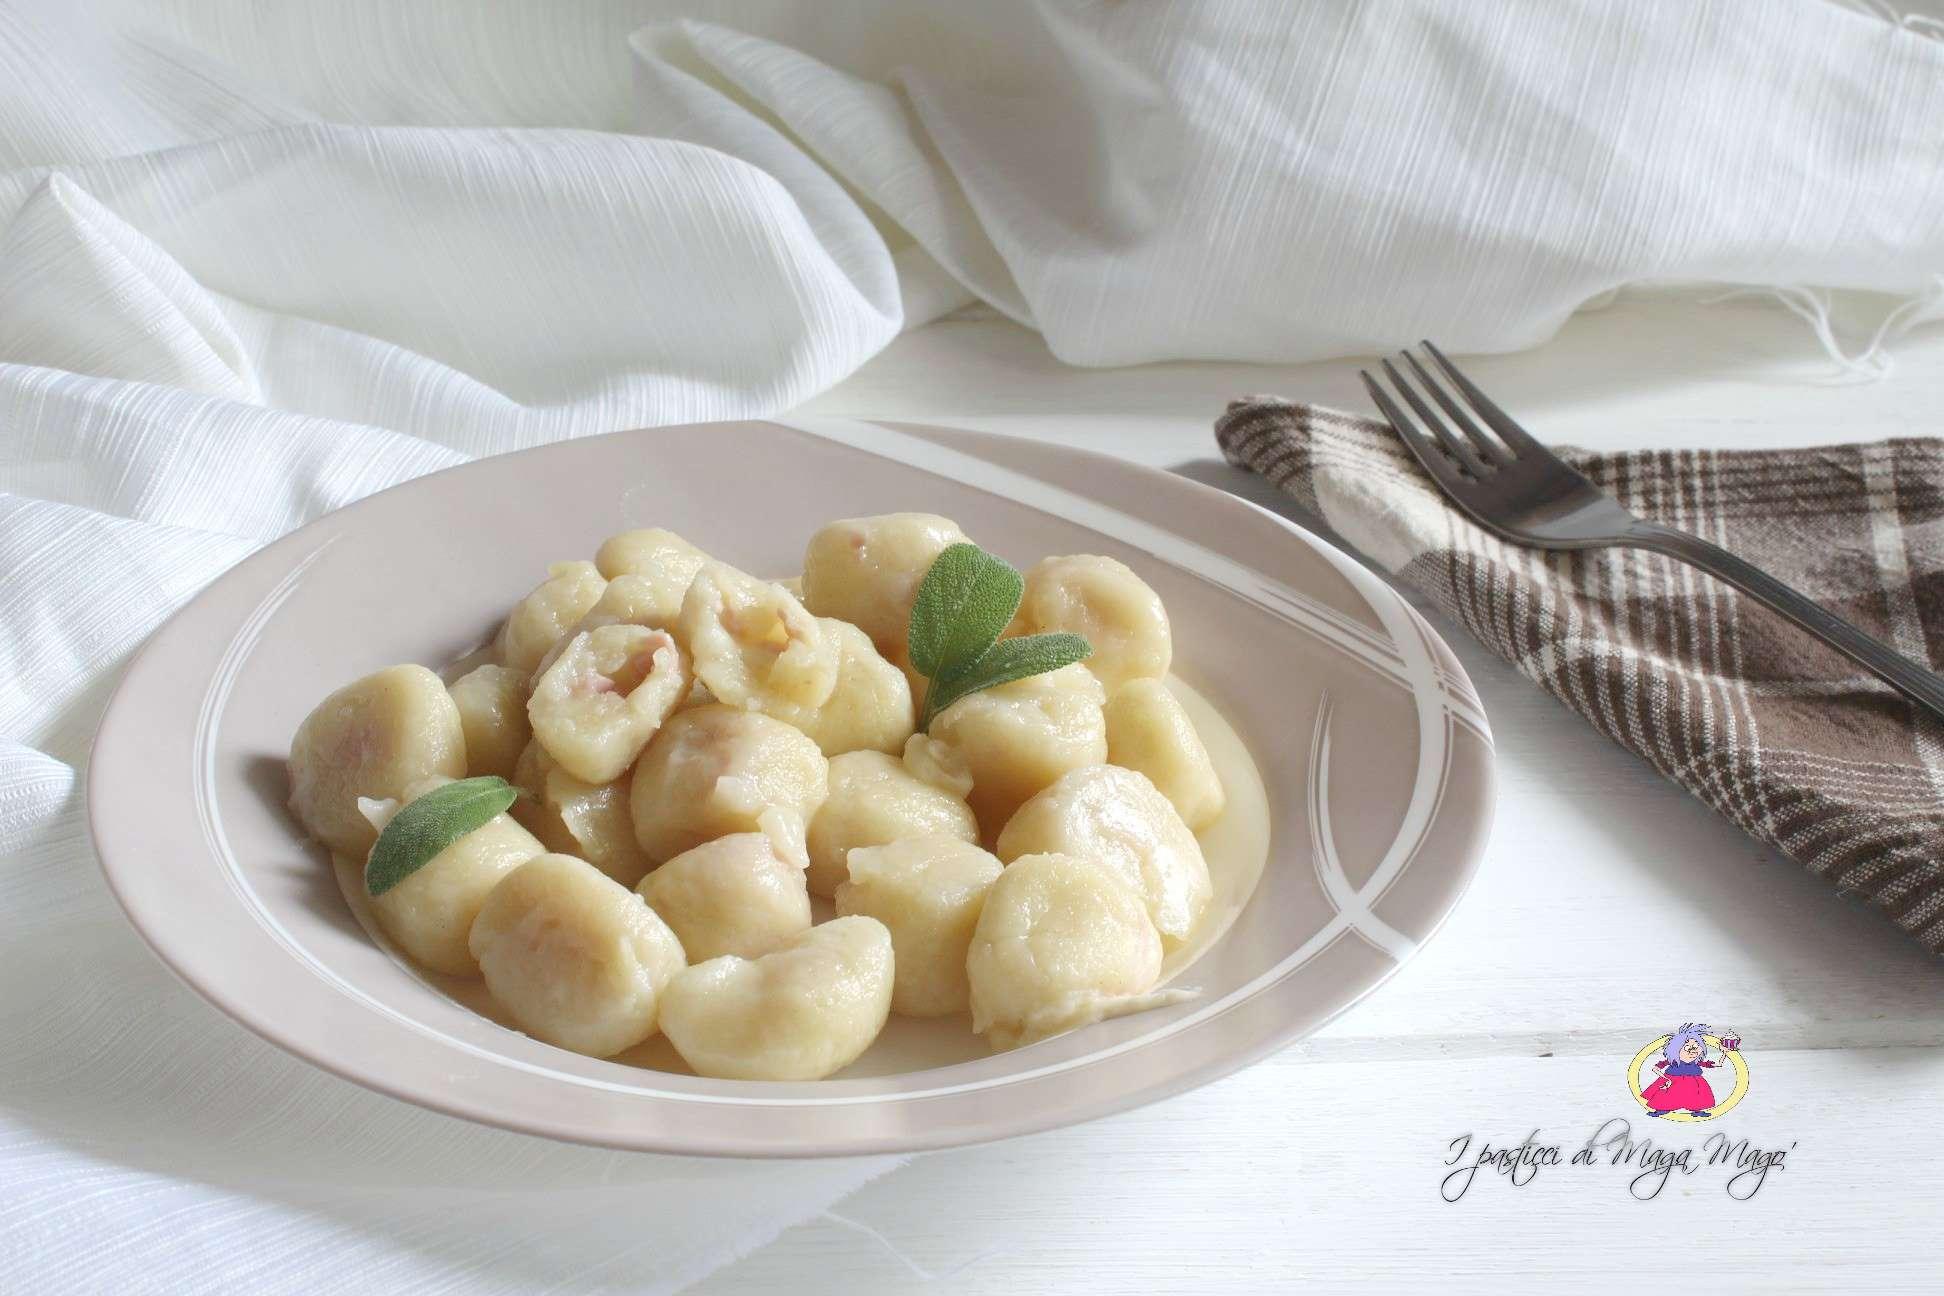 Ricette Gnocchi Di Patate Ripieni.Gnocchi Di Patate Ripieni Di Prosciutto E Mozzarella I Pasticci Di Maga Mago